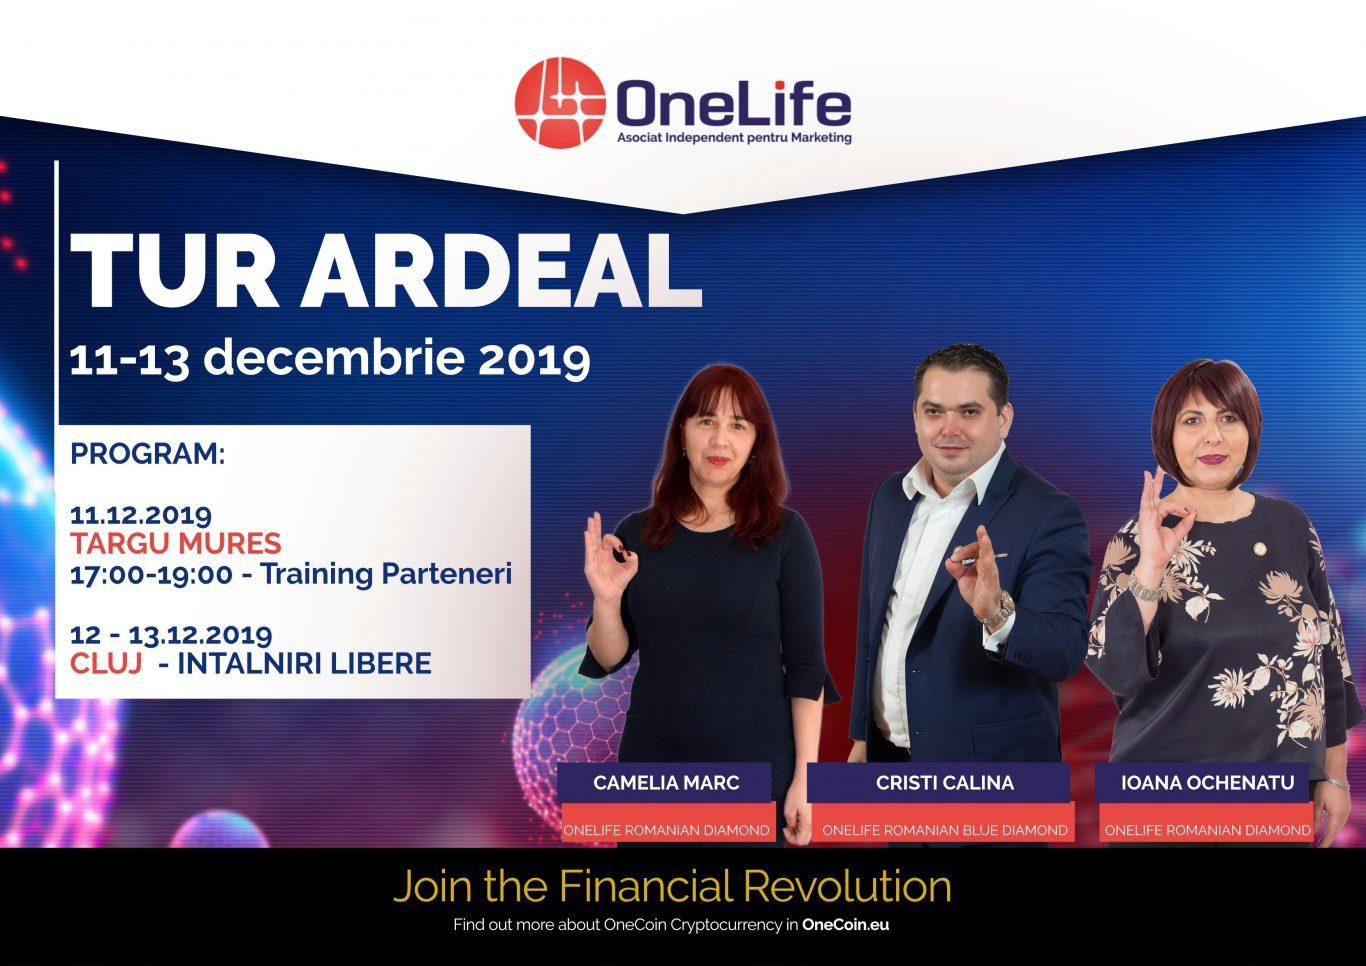 OneLife Tour Ardeal. Oamenii de afaceri, interesați de comunitatea de business OneLife 79085390 481134522509564 1963559829691695104 n